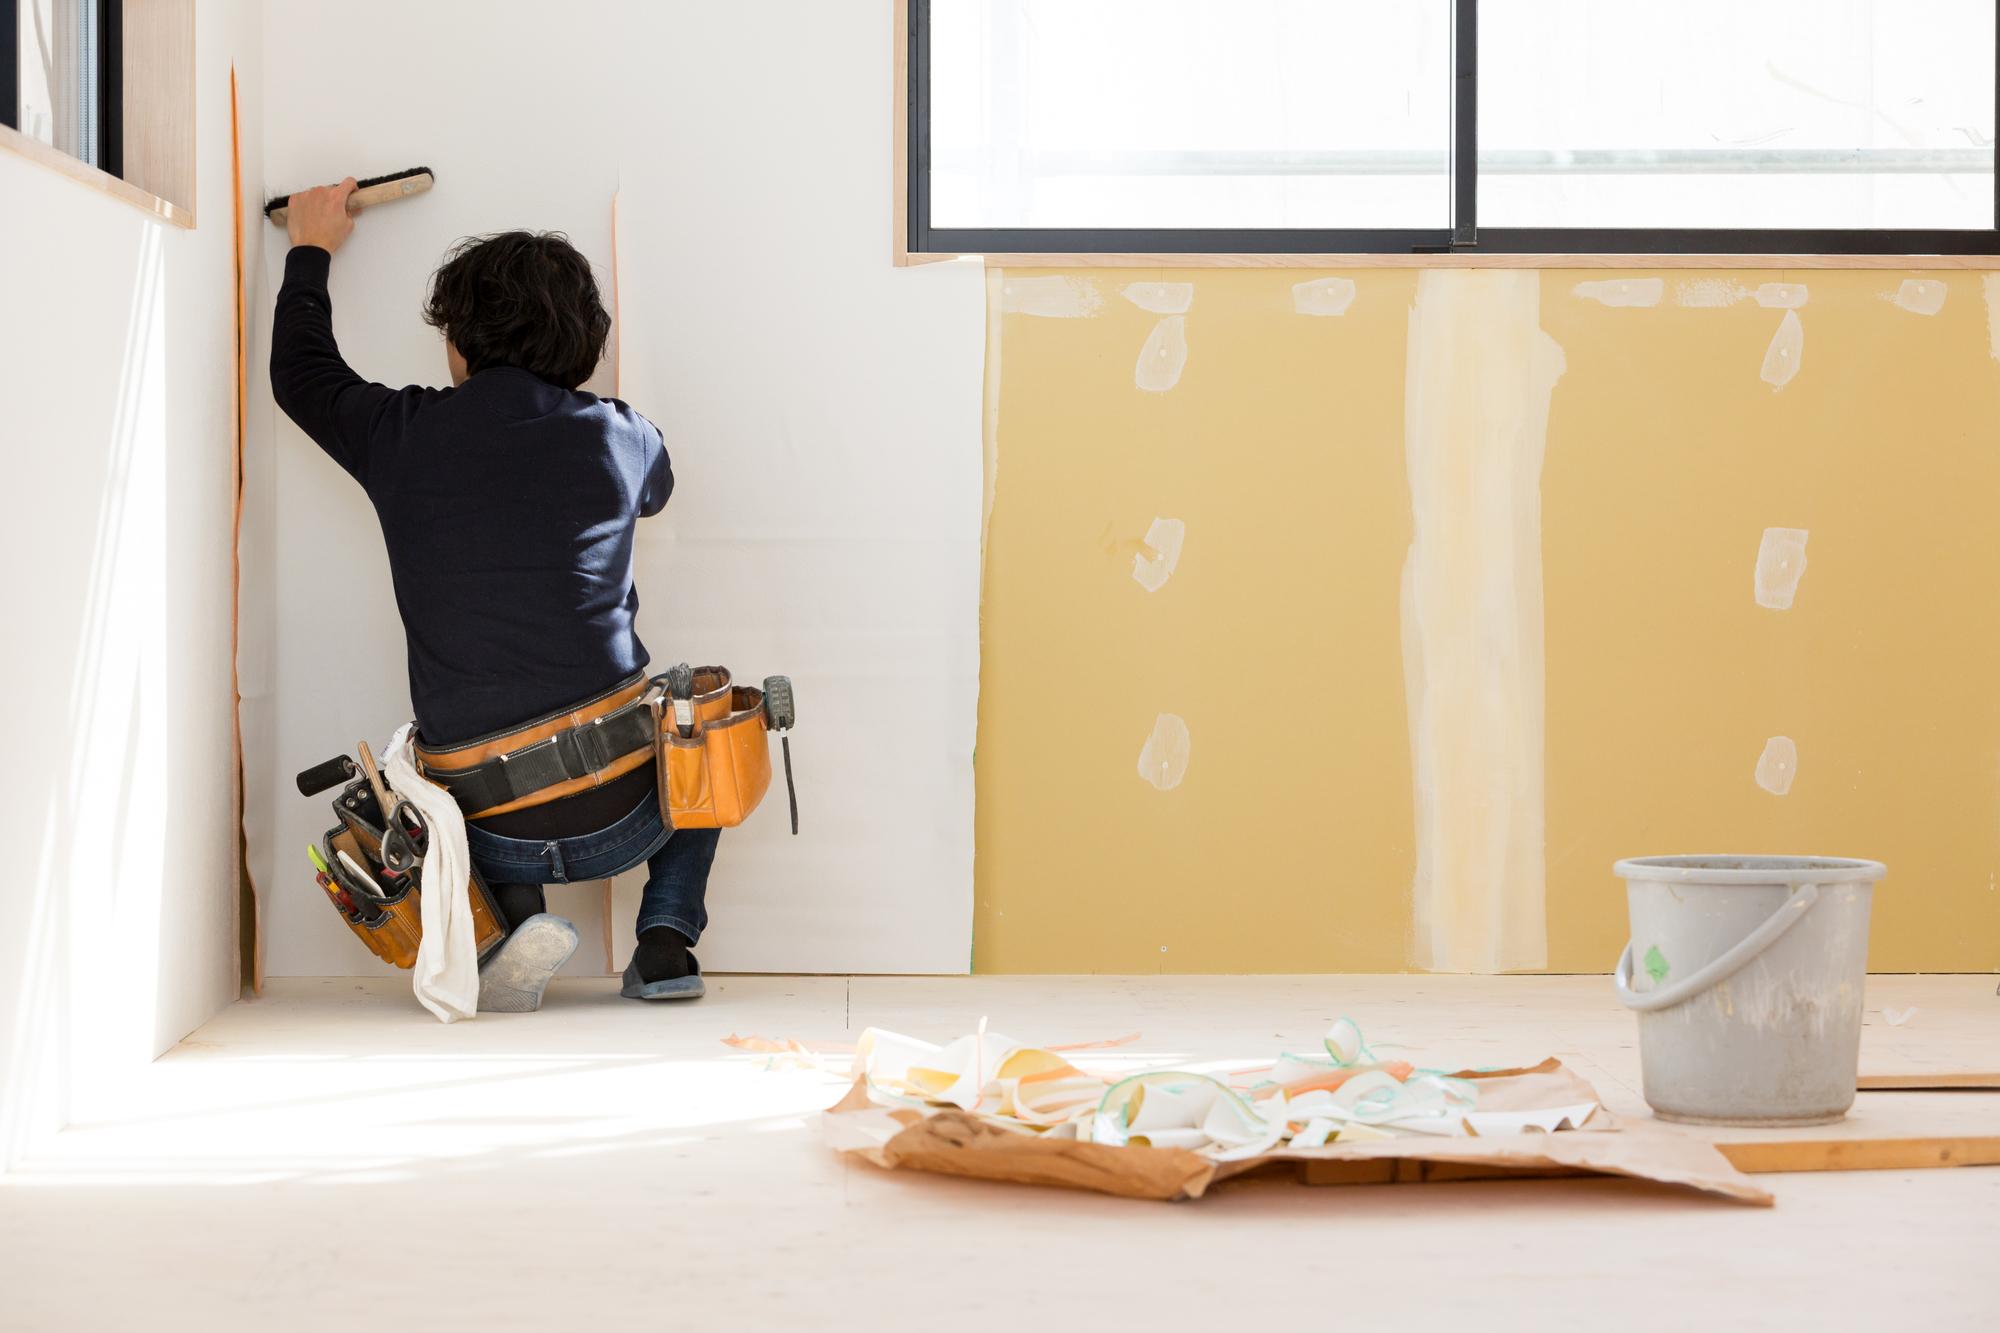 マンションの壁紙の張替え費用や注意点を現場のプロがスッキリ解説